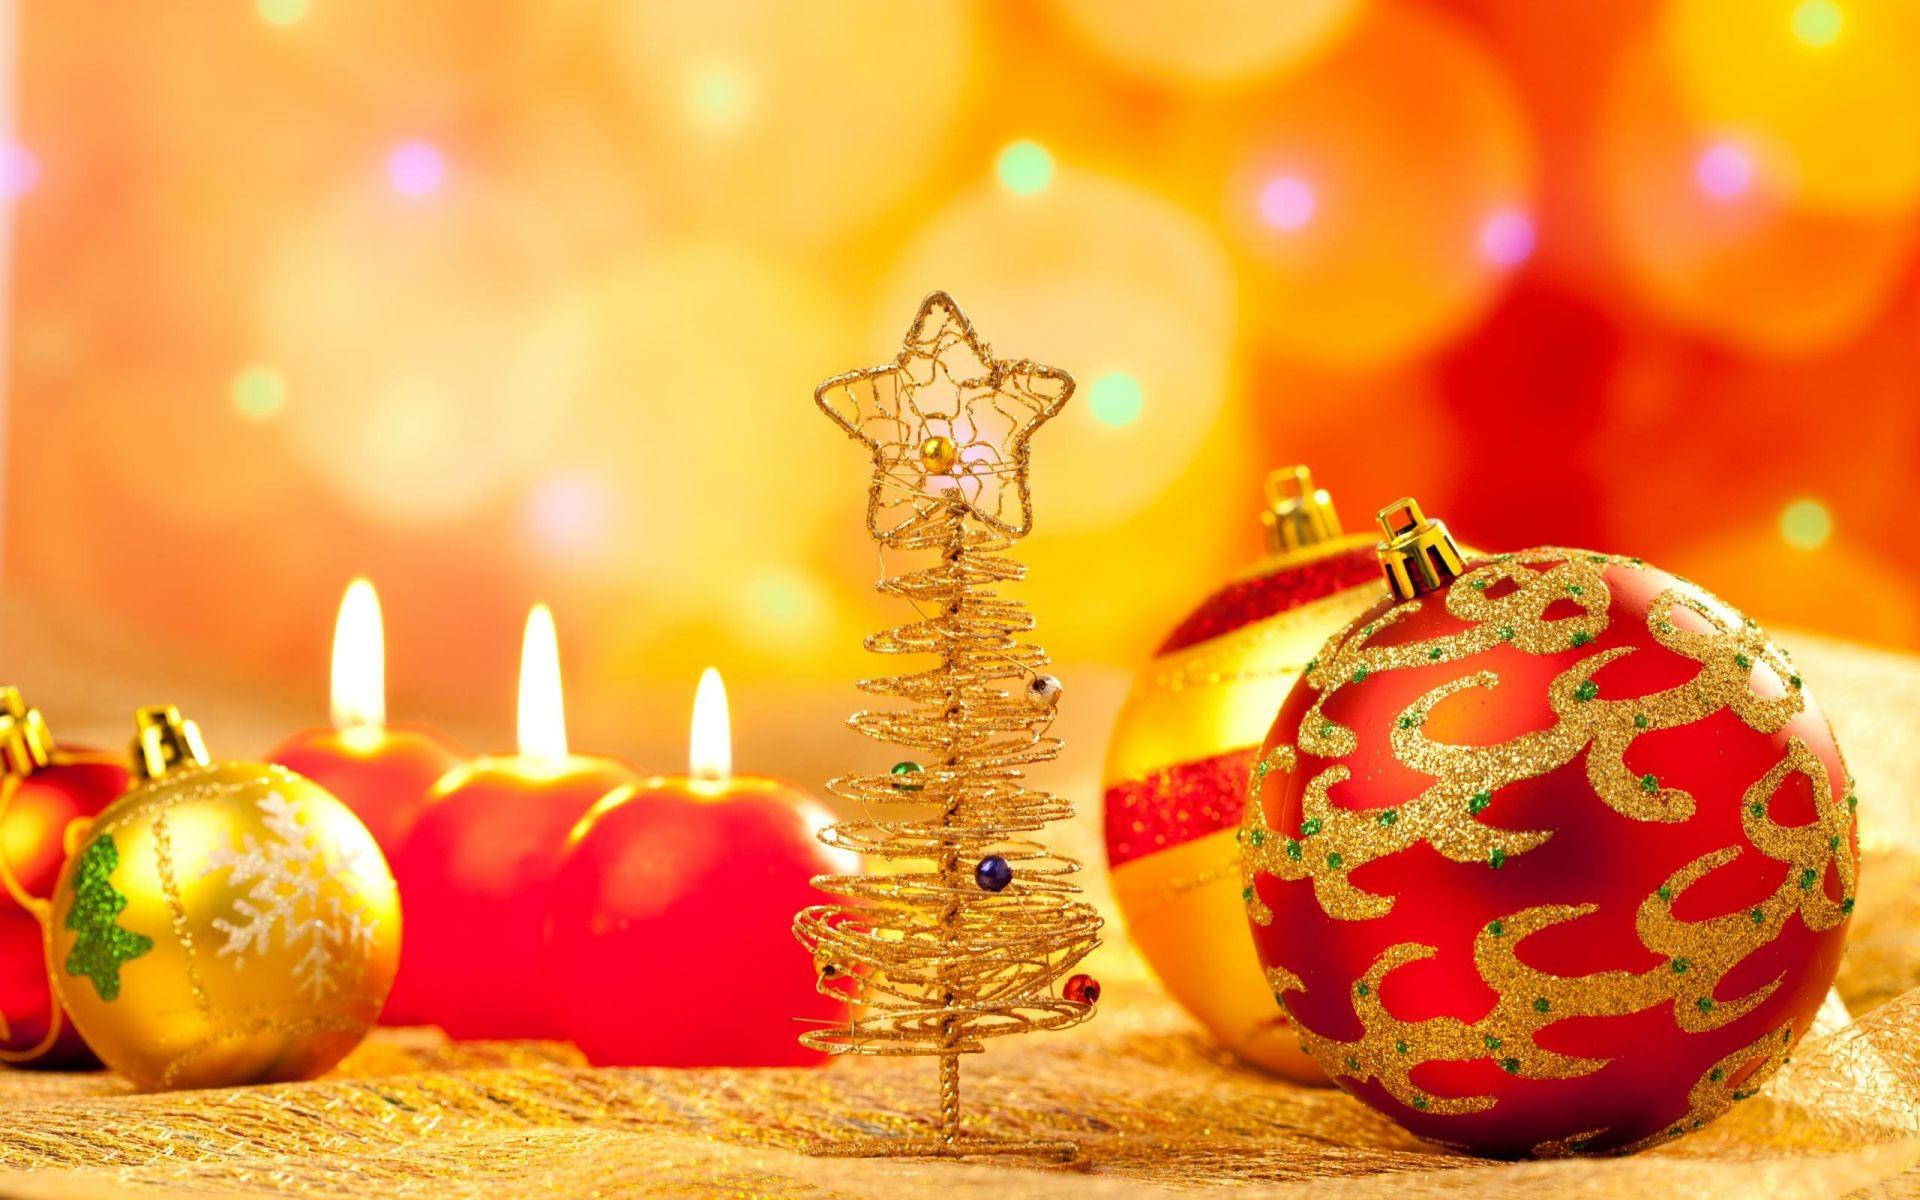 Открытки, новогодние праздники картинки на рабочий стол